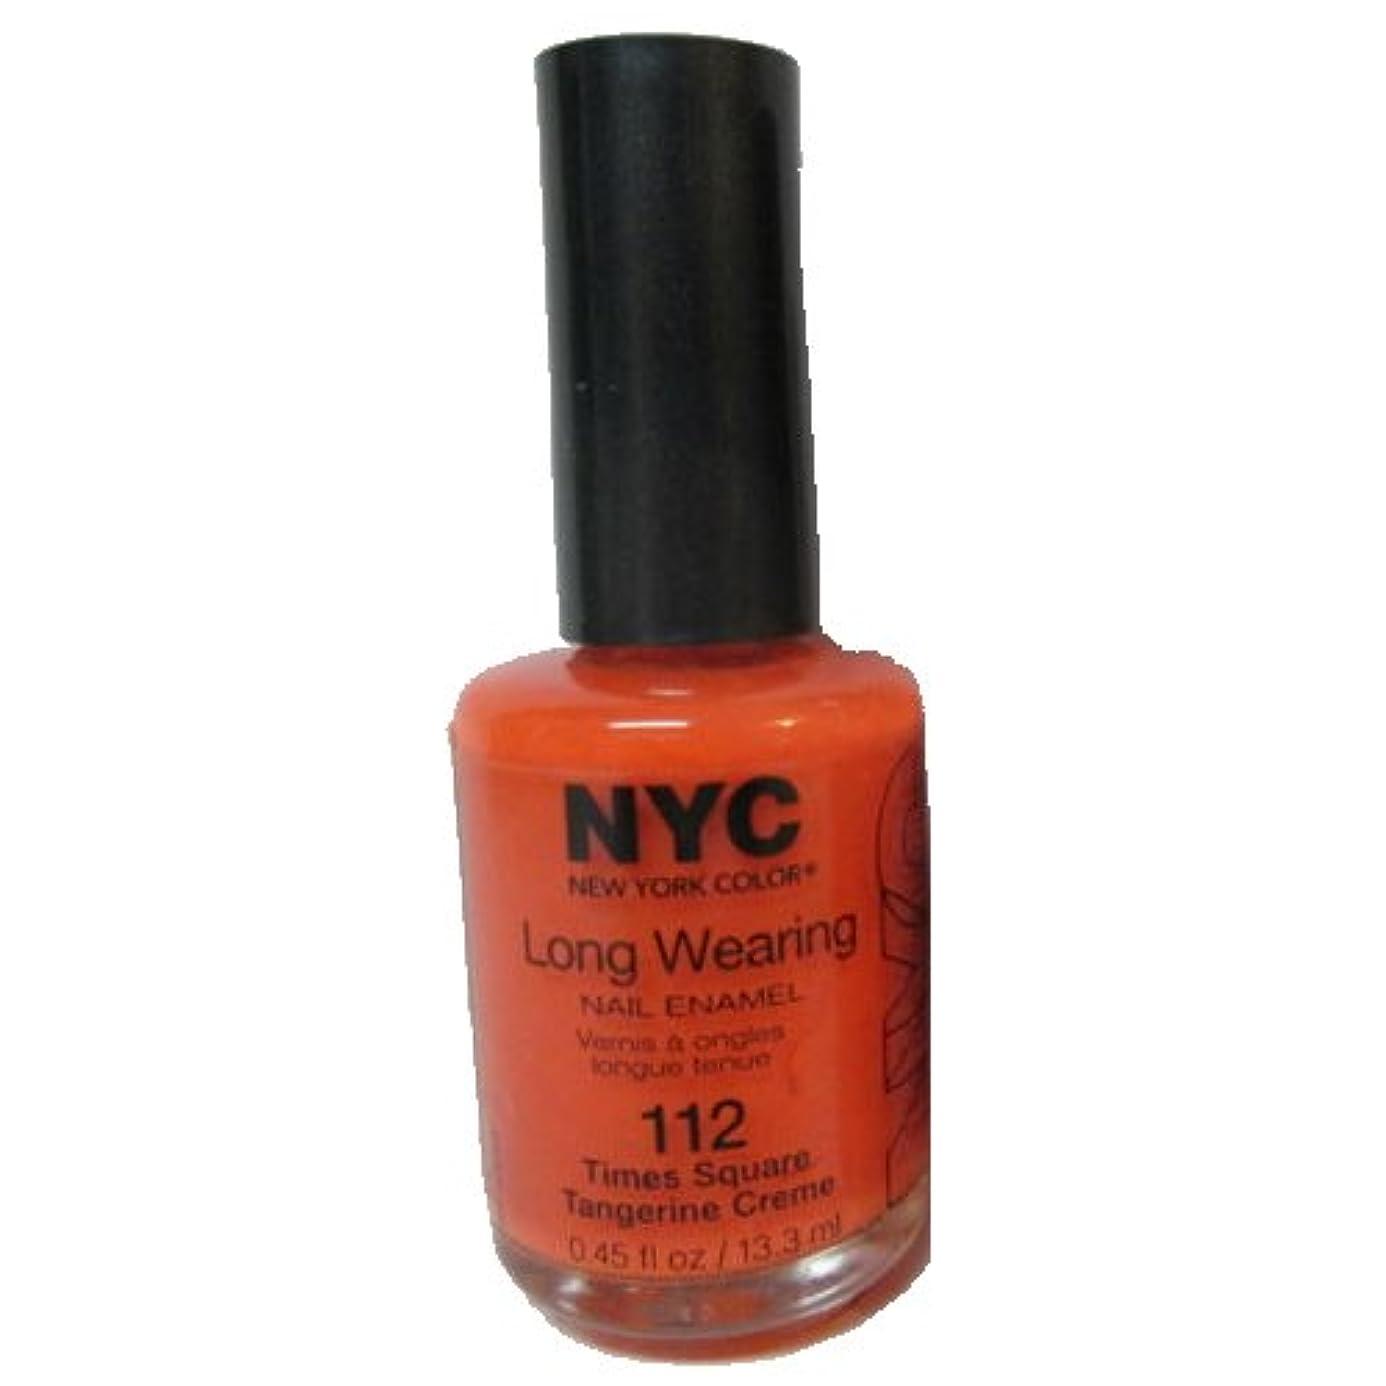 化合物正午豊富に(3 Pack) NYC Long Wearing Nail Enamel - Times Square Tangerine (並行輸入品)